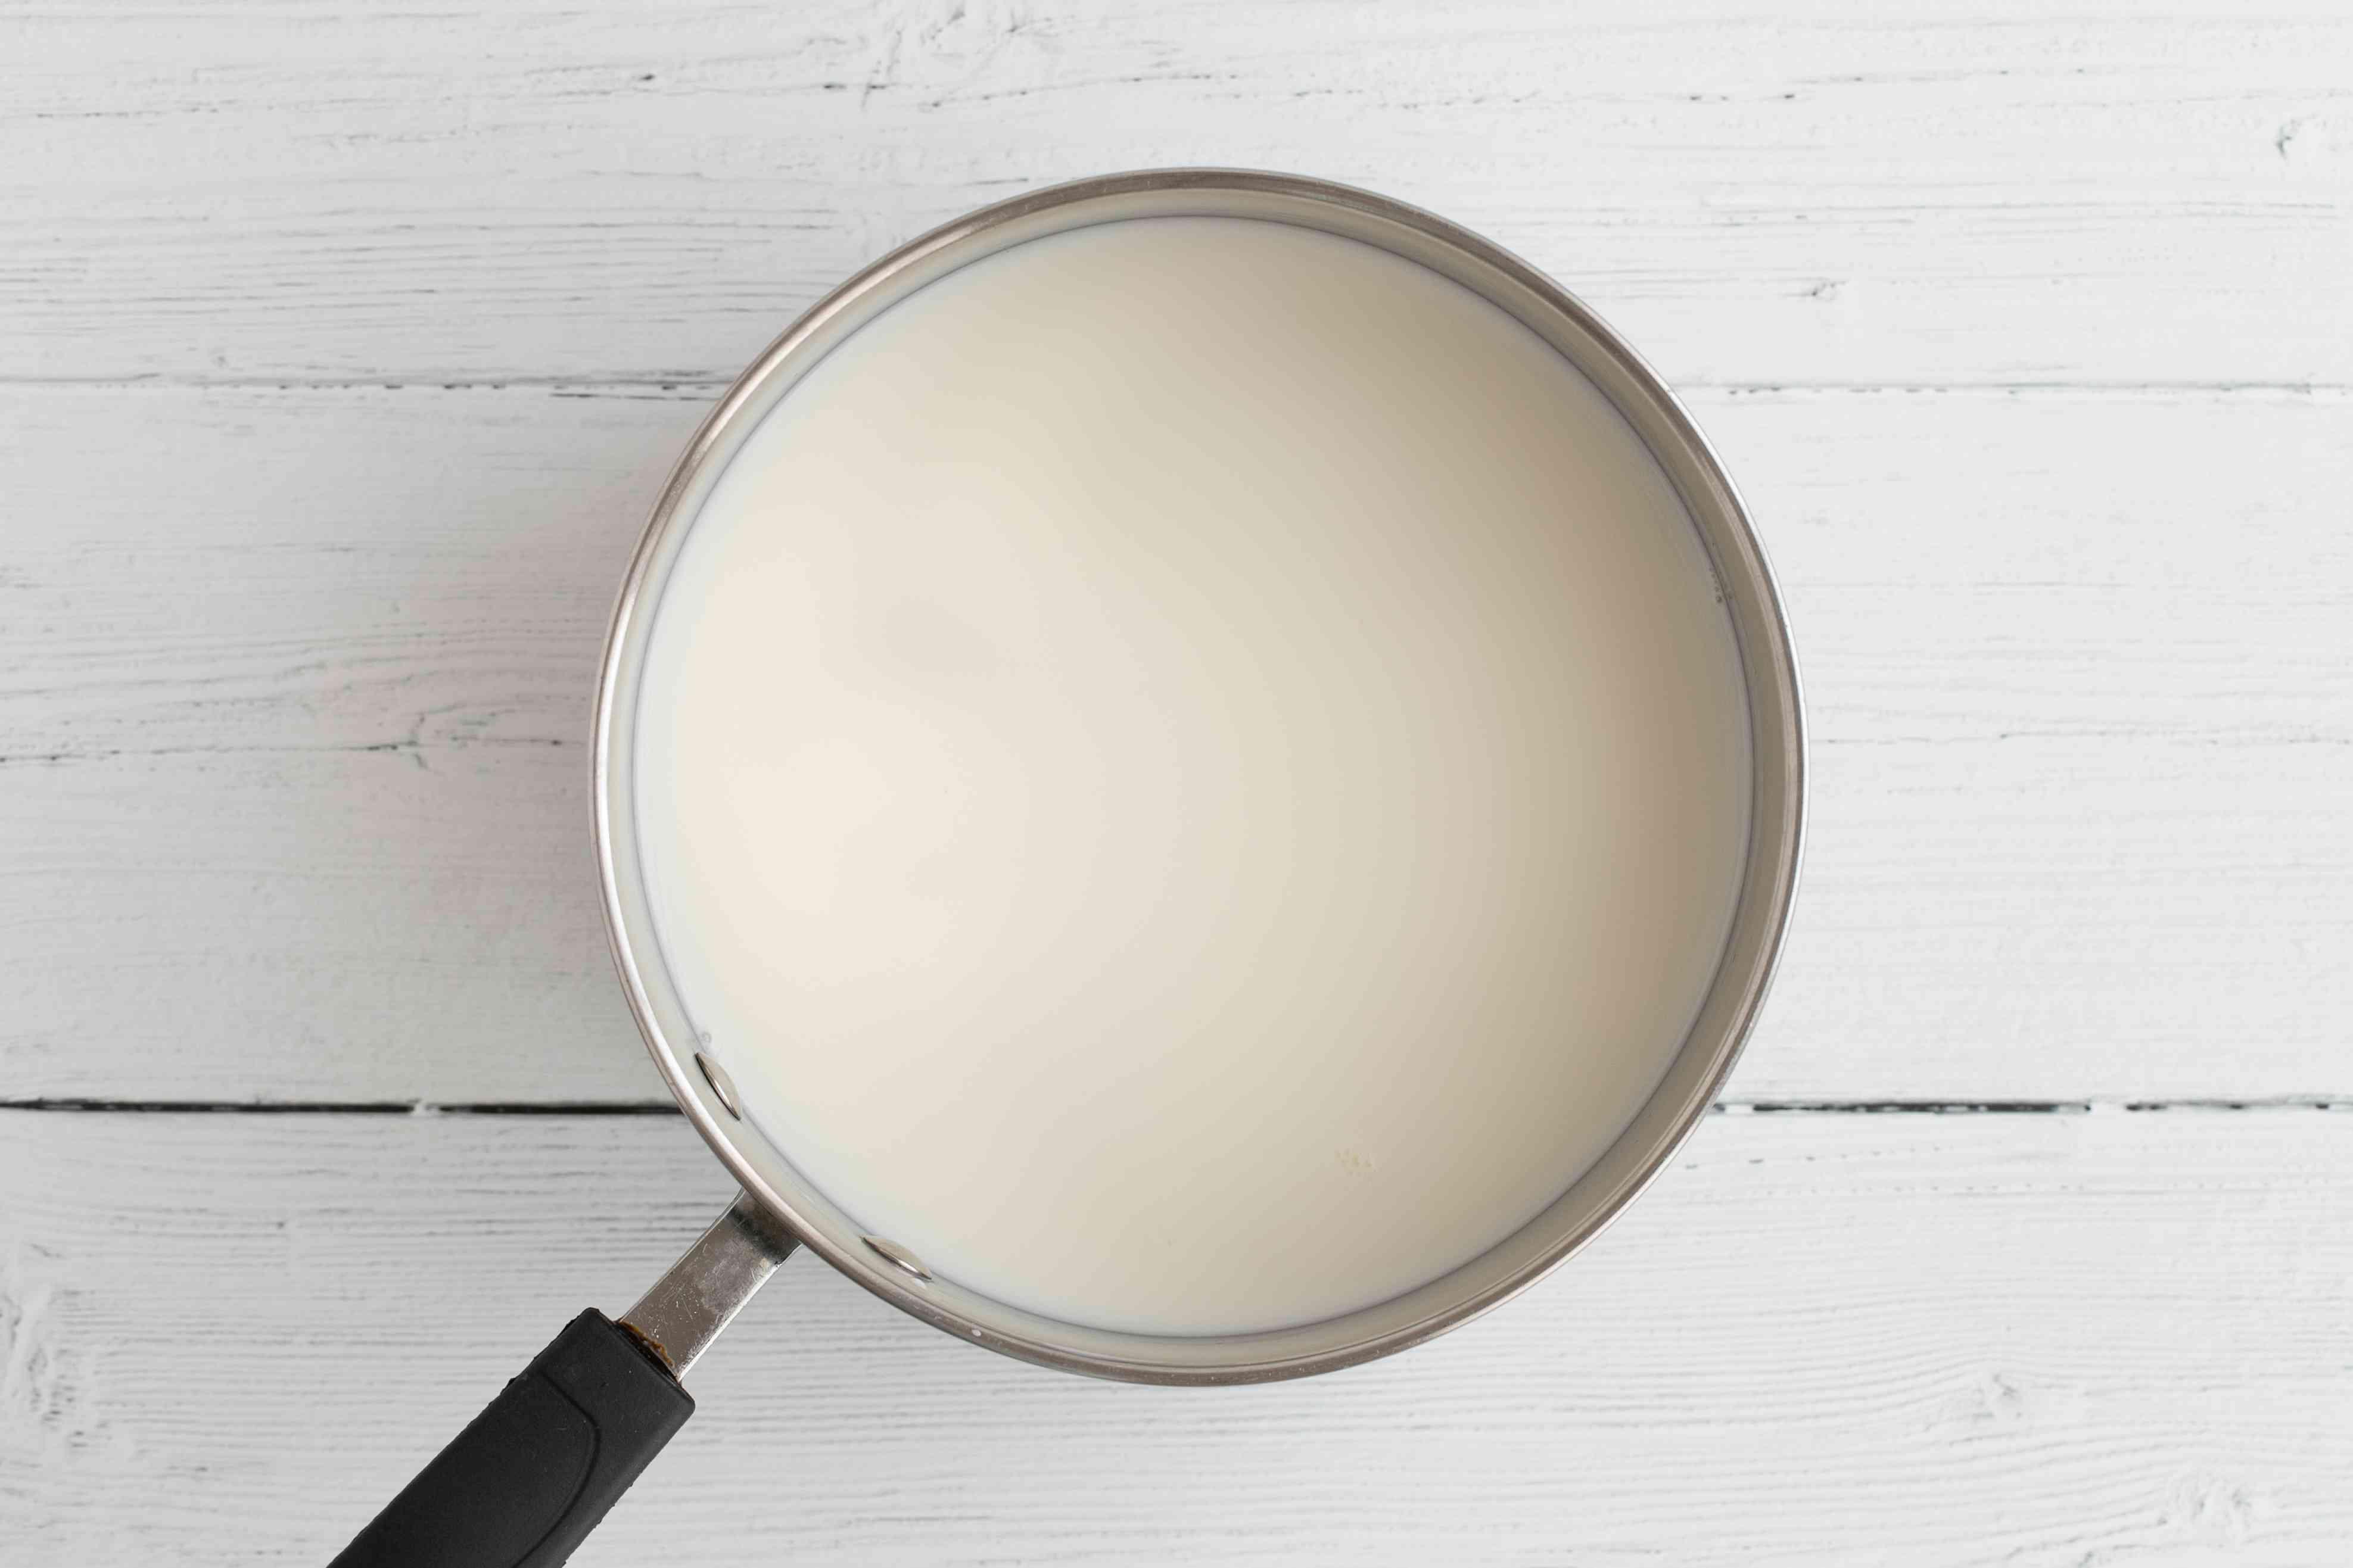 Milk in a pot